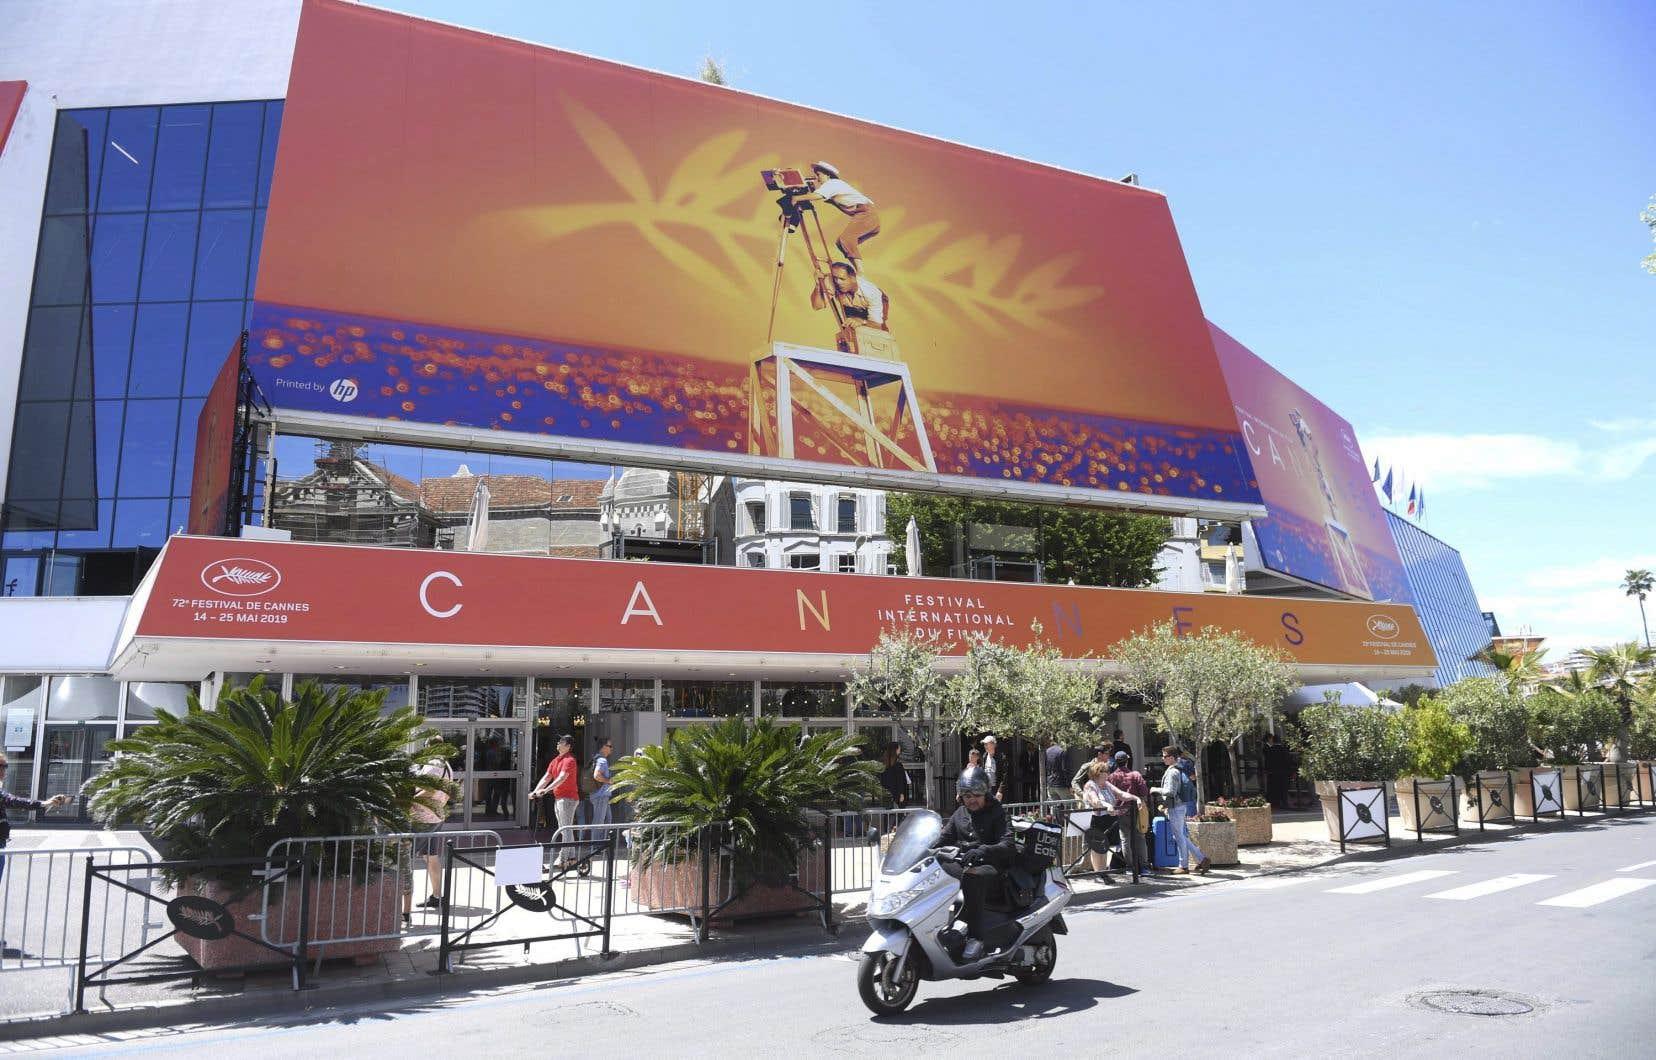 Initialement prévu du 12 au 23mai, le Festival de Cannes avait envisagé un report à la fin de juin, mais les autorités françaises ont depuis interdit tous les rassemblements jusqu'à la mi-juillet. Sur la photo, l'édition 2019 du festival.